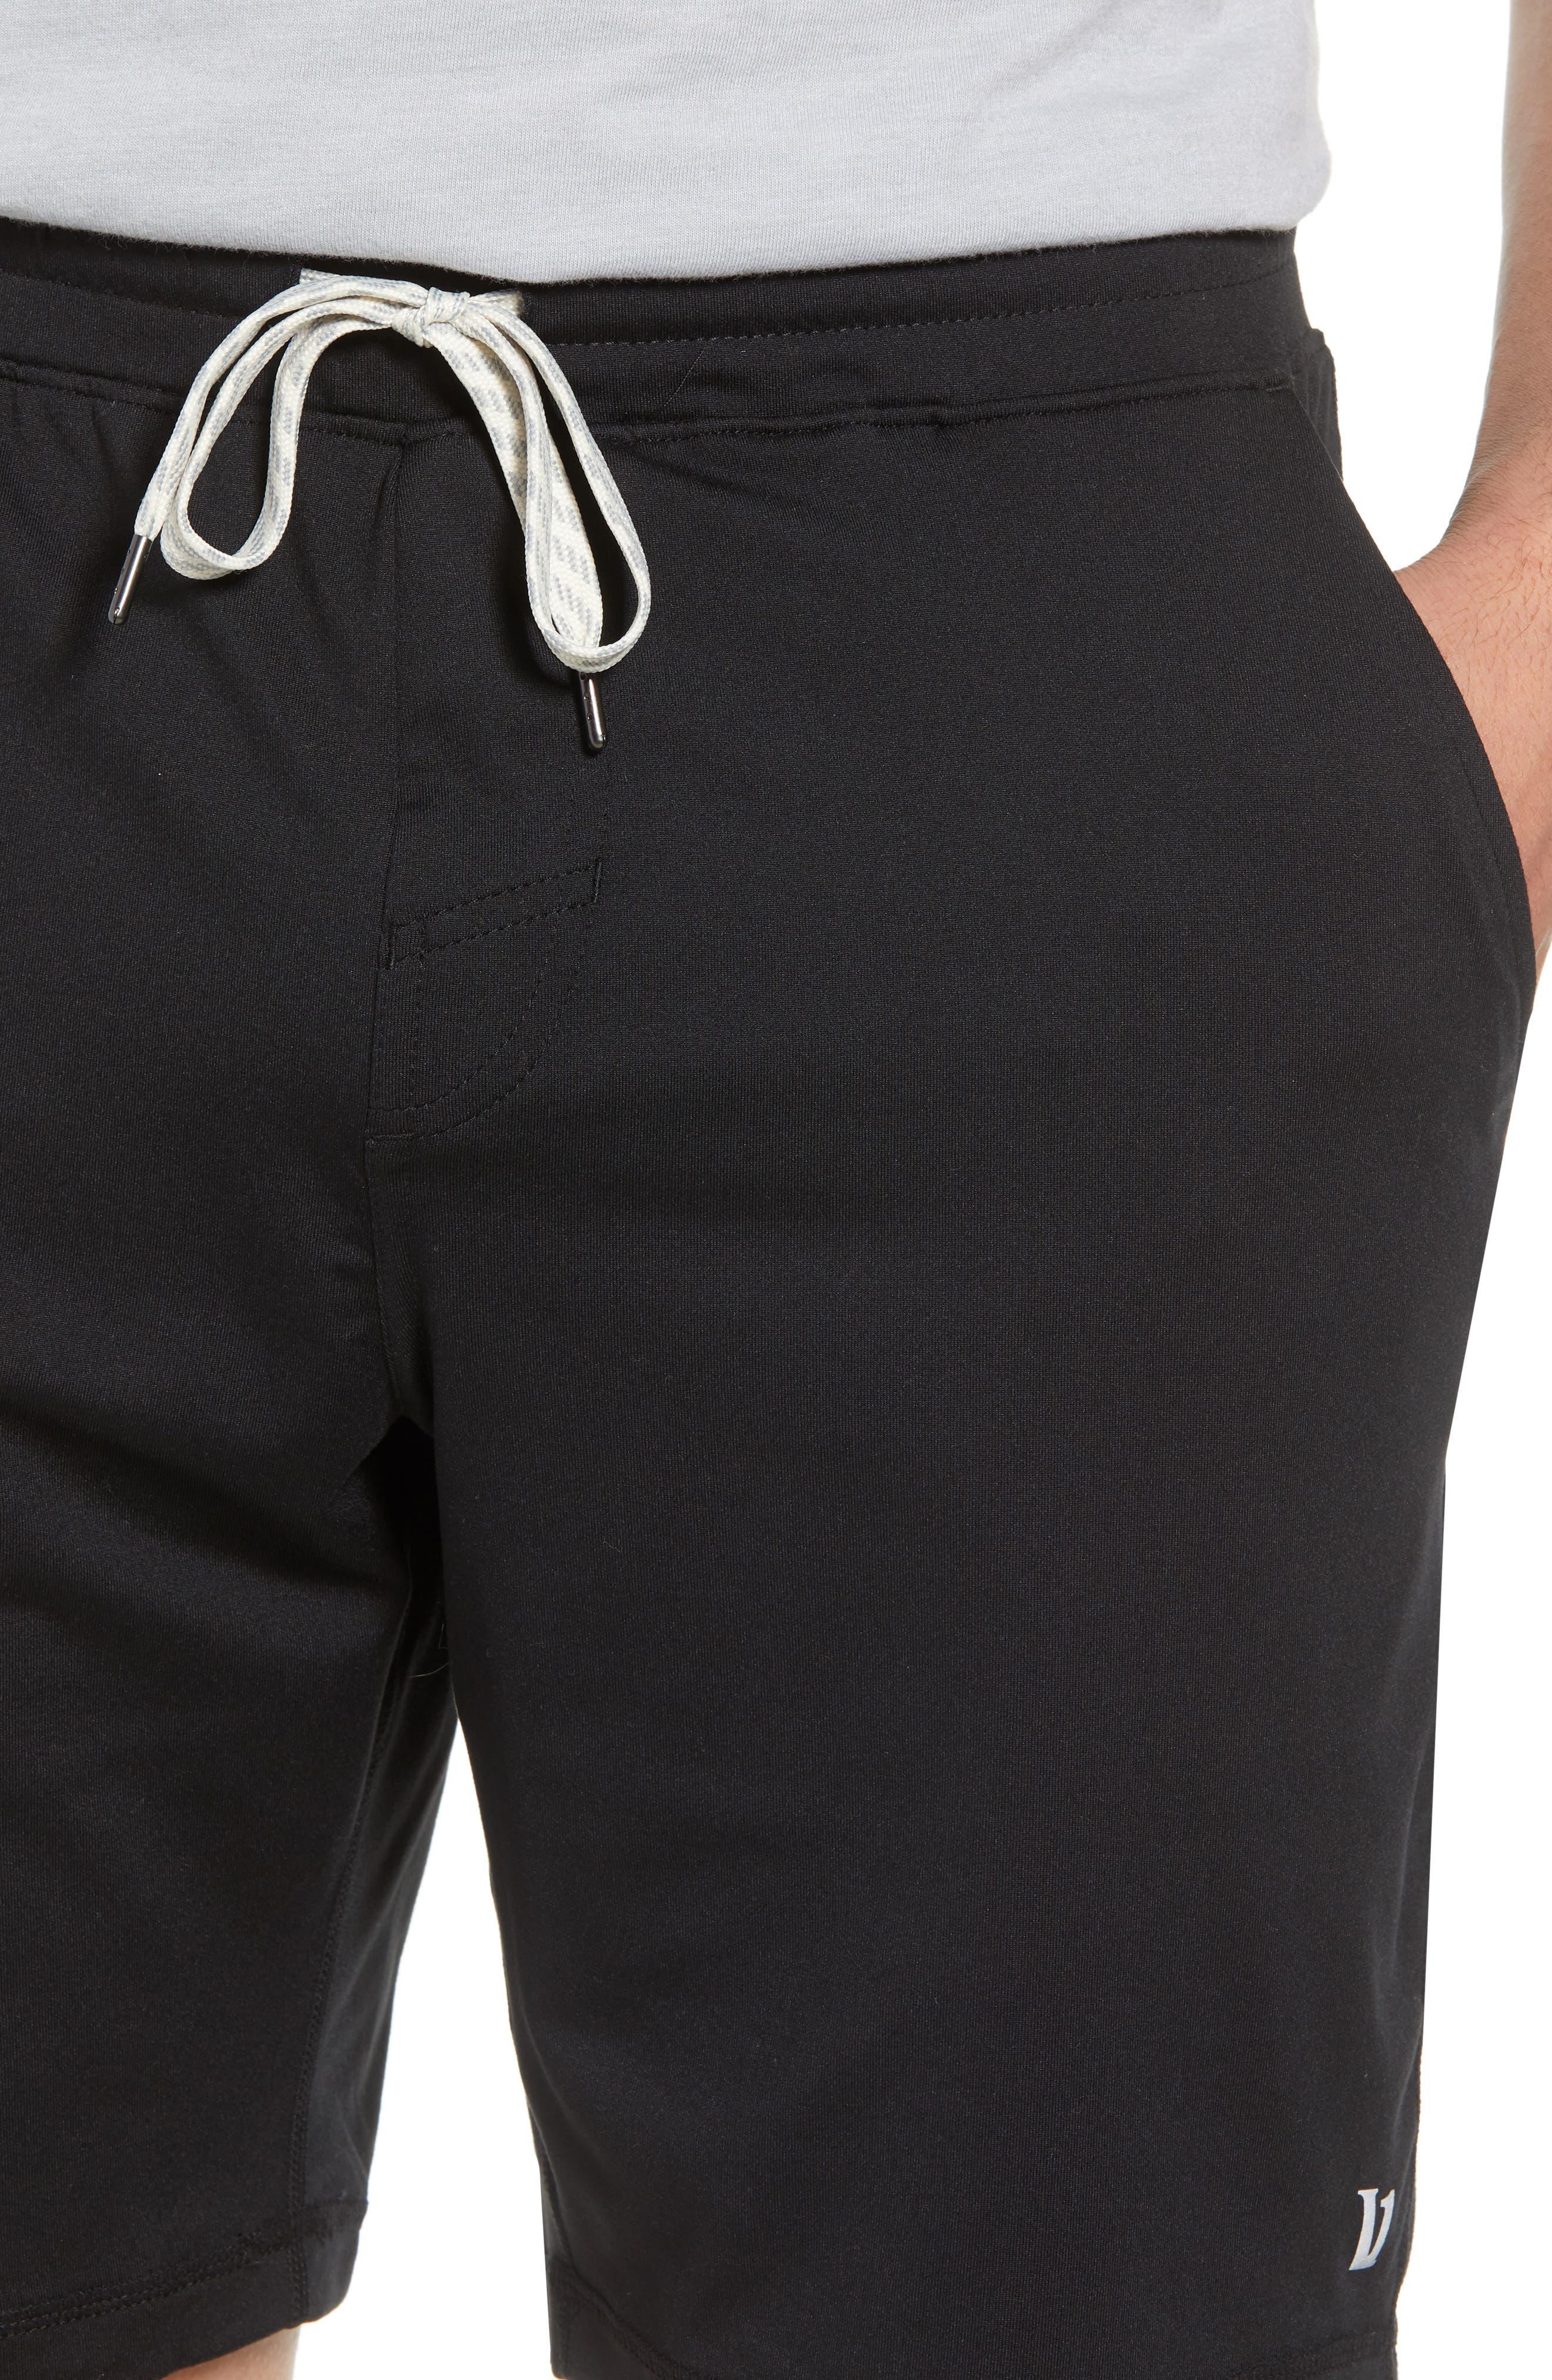 Ponto Shorts,                             Alternate thumbnail 4, color,                             Black